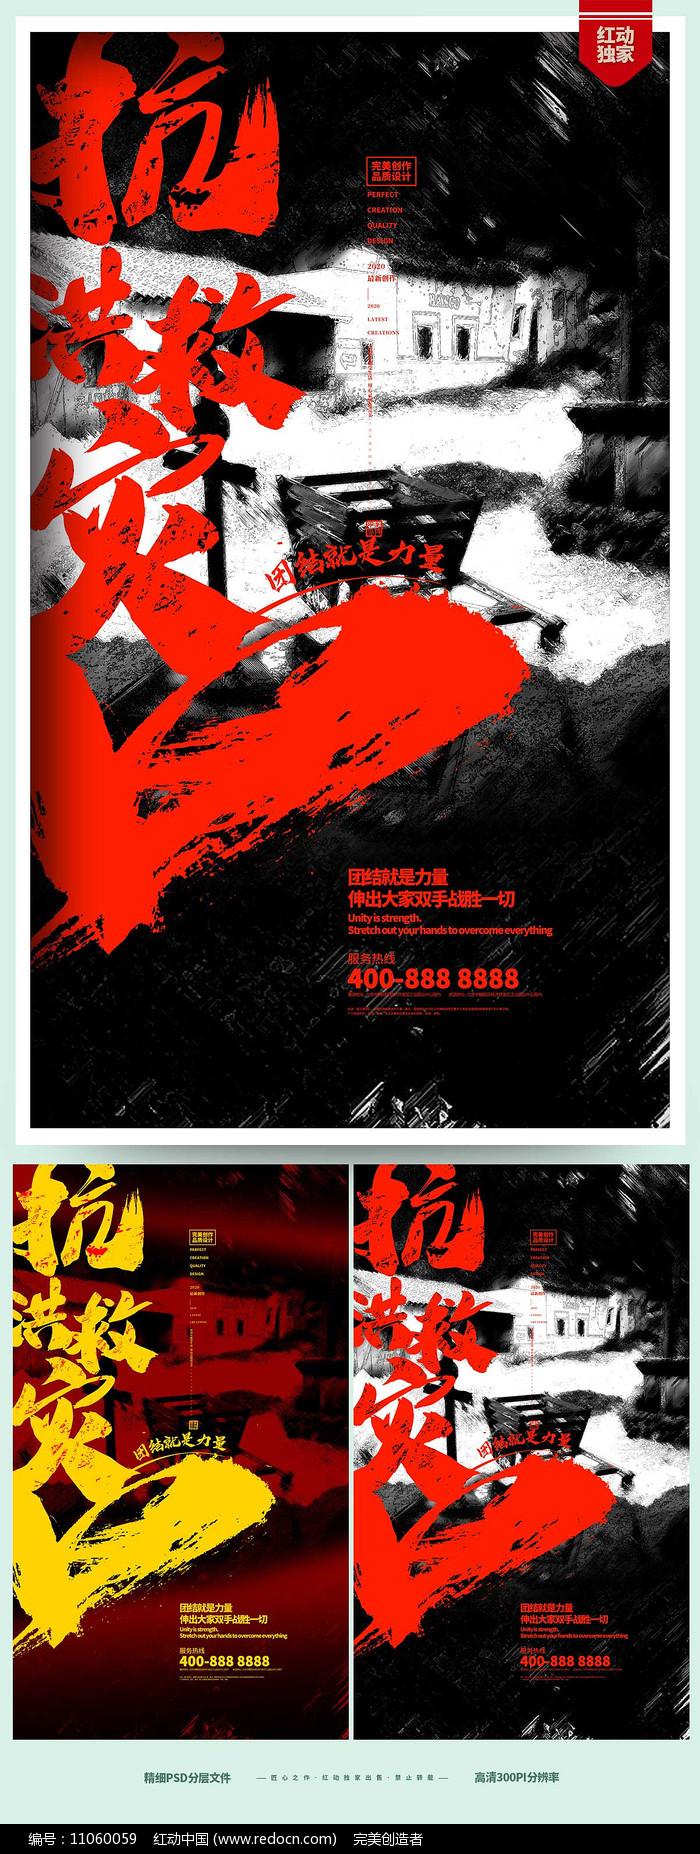 创意抗洪救灾公益宣传海报设计图片